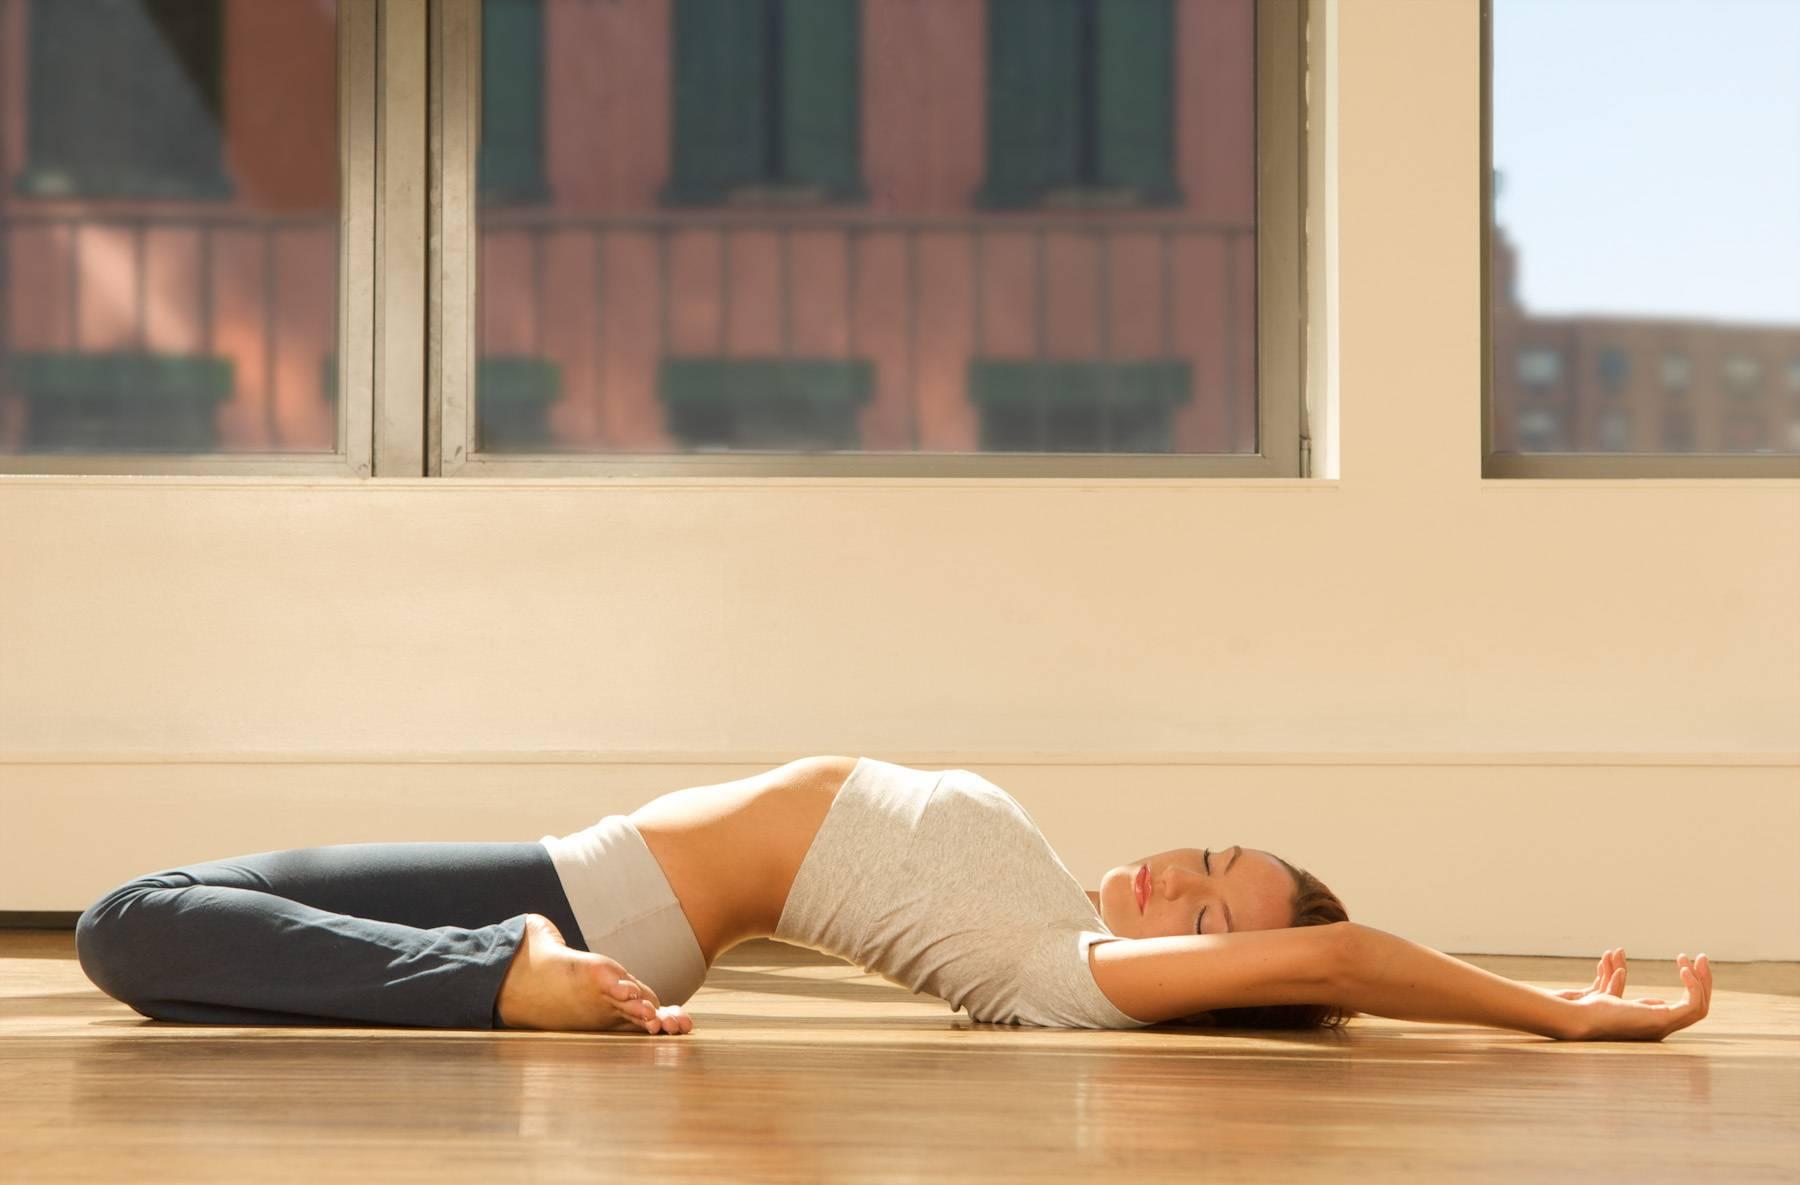 Утренняя йога для начинающих, екатерина буйда, утренний комплекс за 15 минут для стройности, за 10 минут